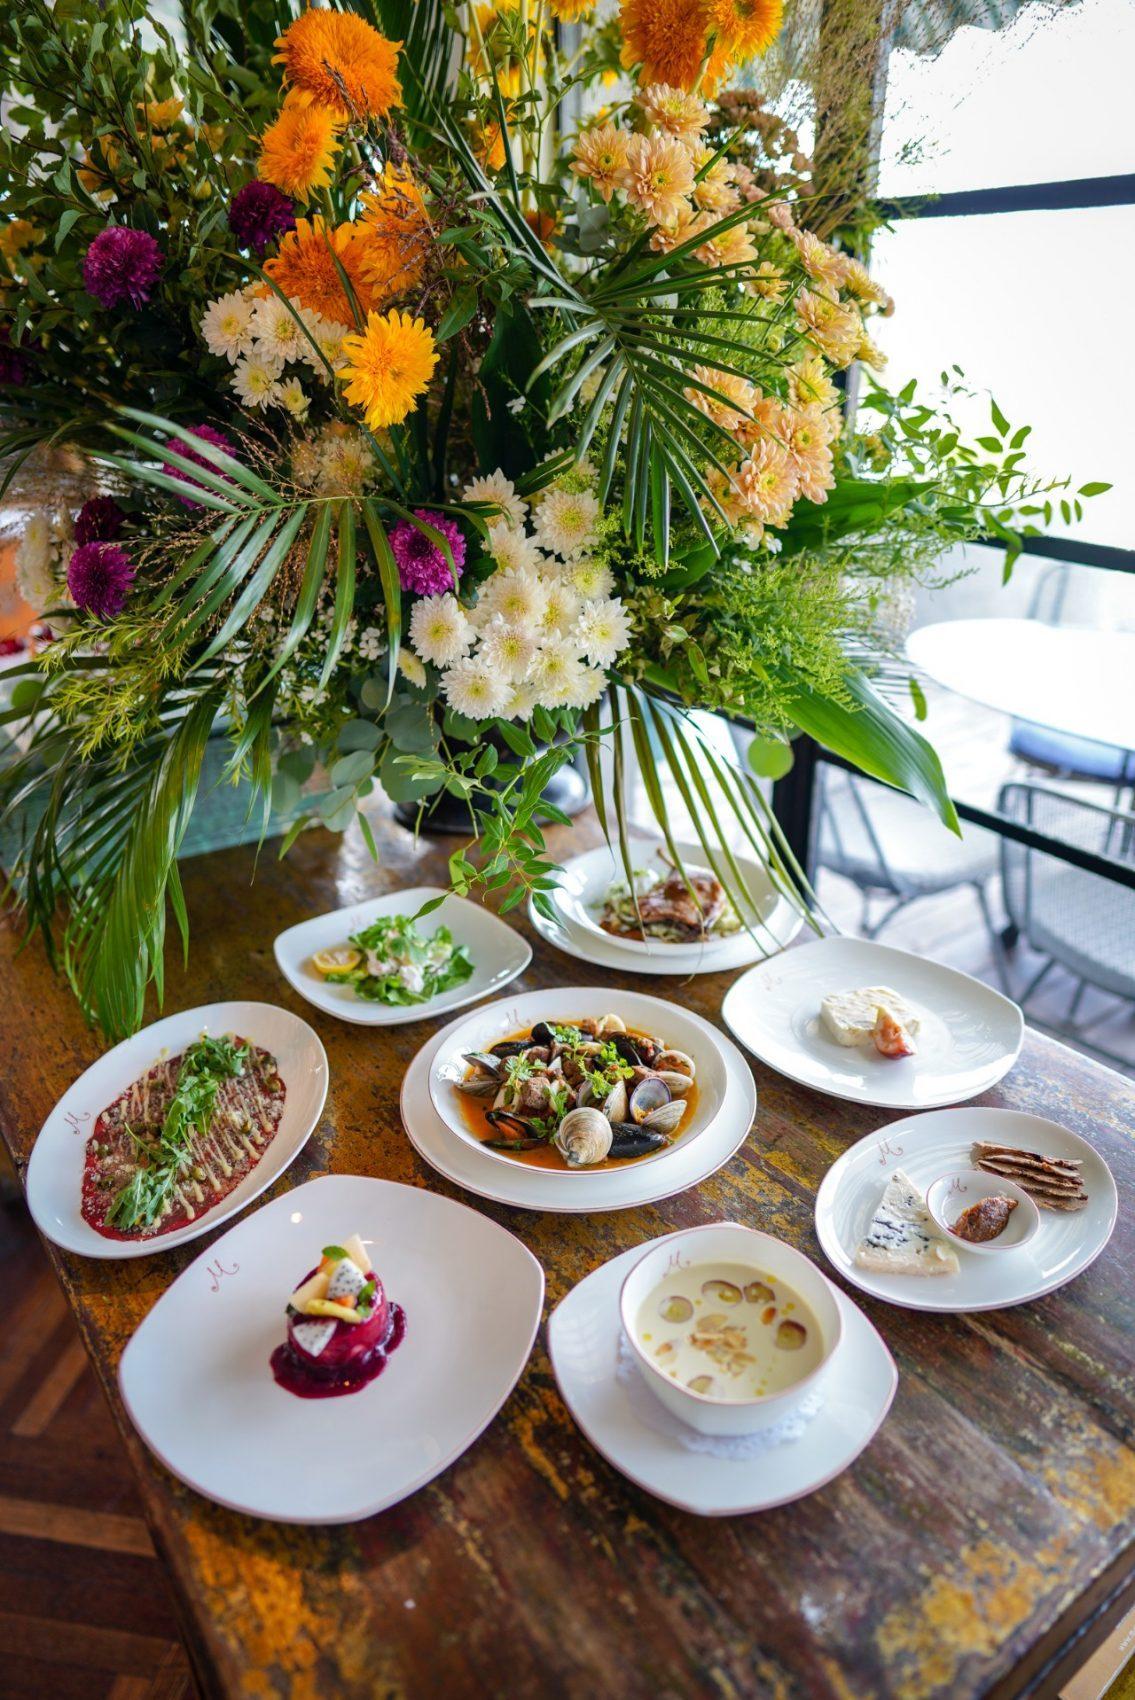 米氏西餐厅八月午餐菜单更新 M'S NEW LUNCH MENU